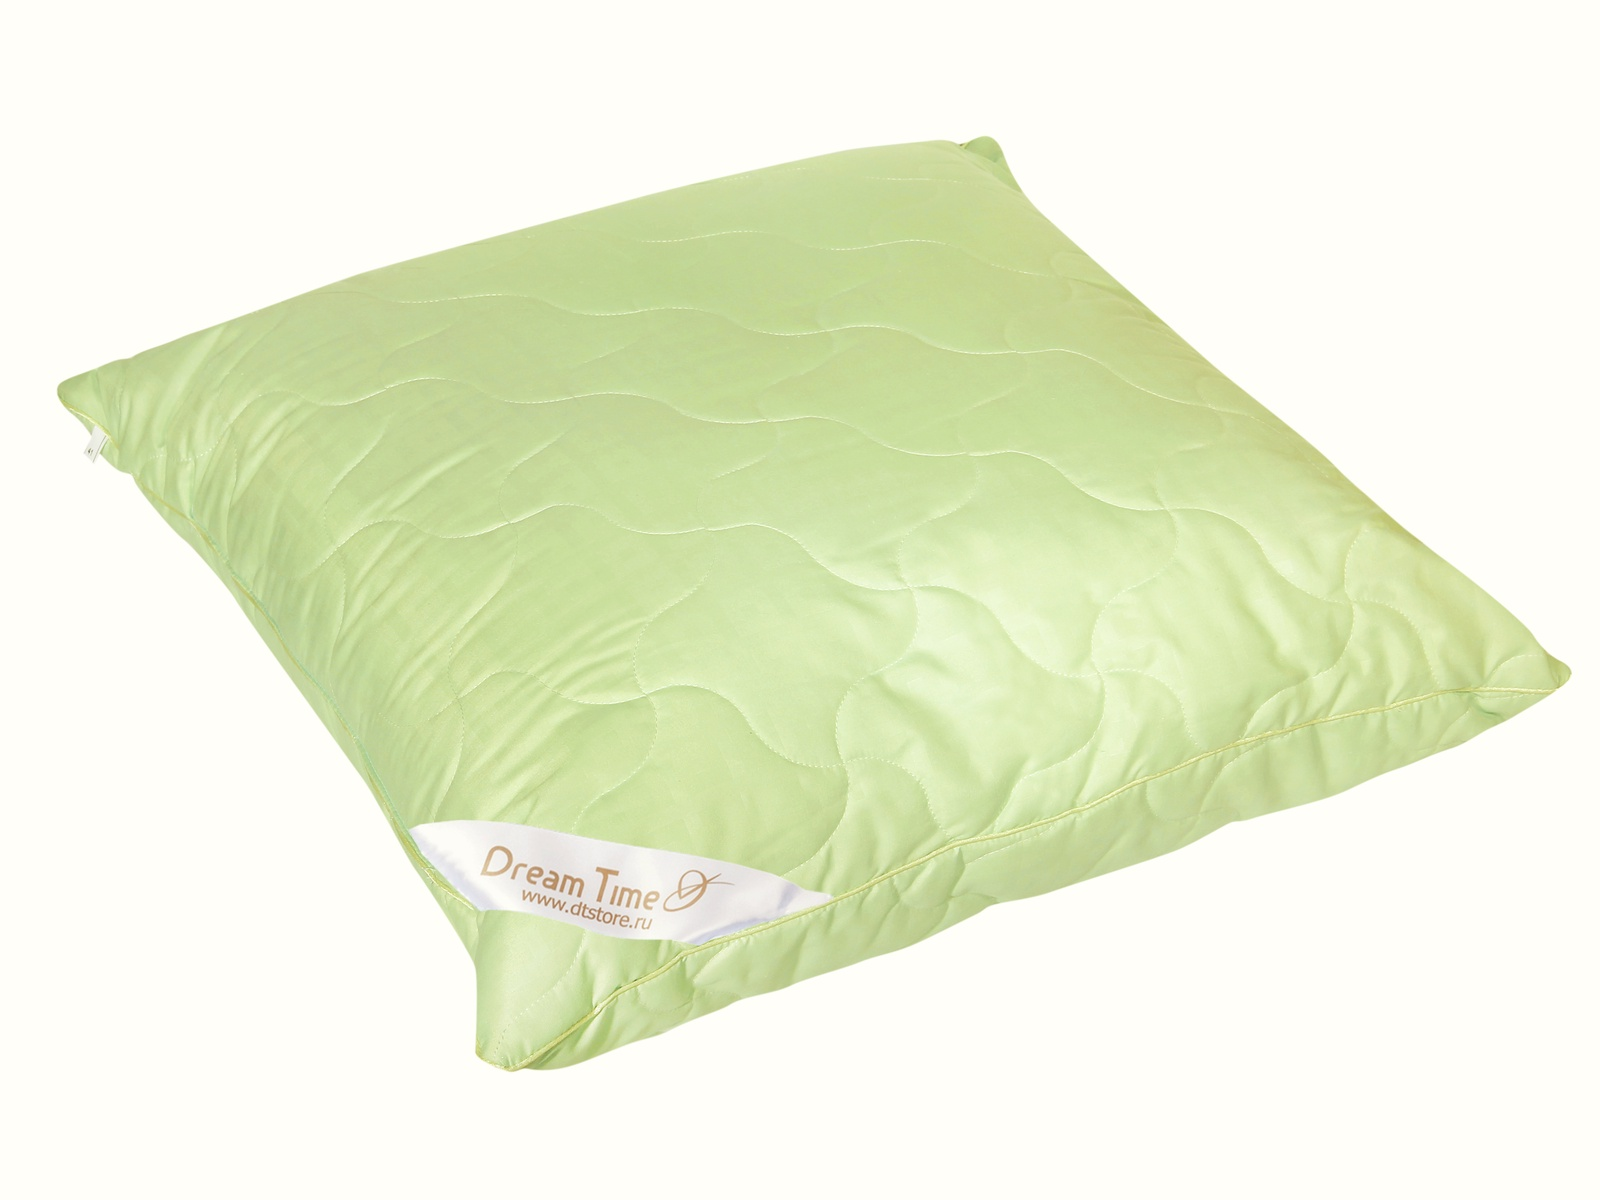 цена на Подушка Dream Time, ДТ-ПМА-070, светло-зеленый, 68 х 68 см